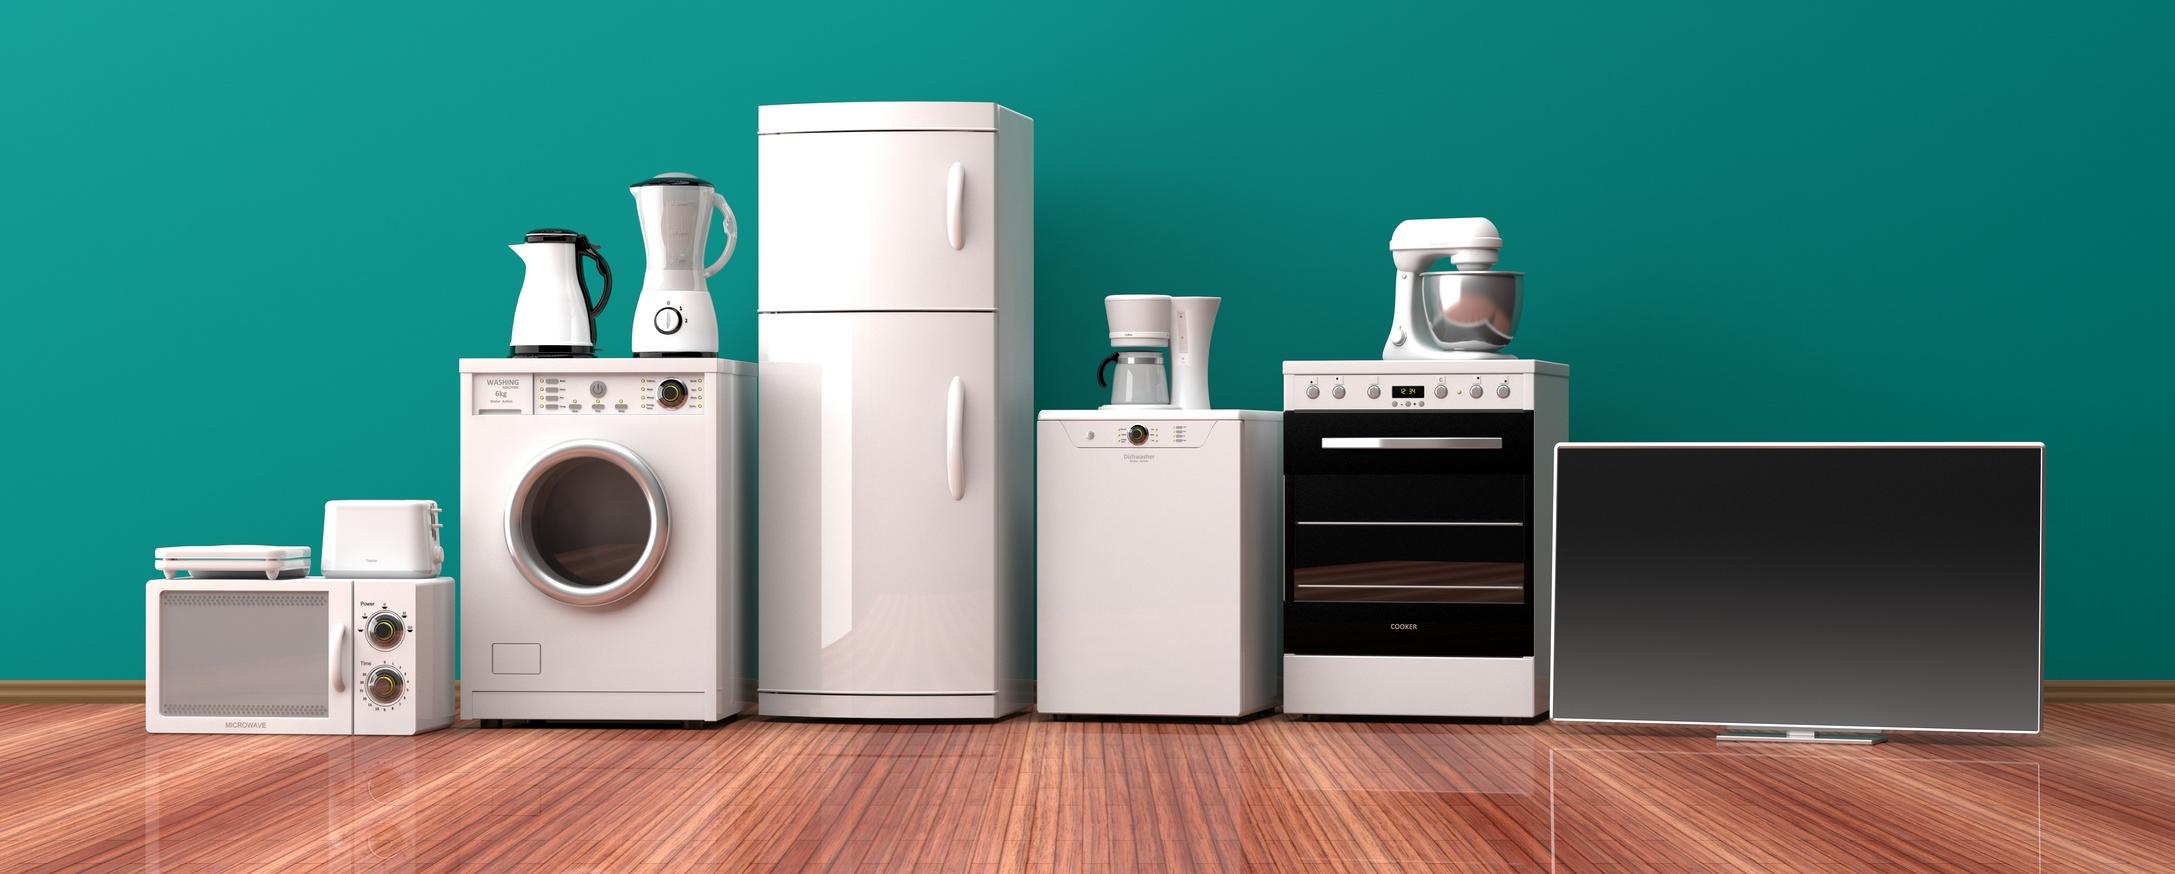 Quanto sono affidabili i nostri elettrodomestici?